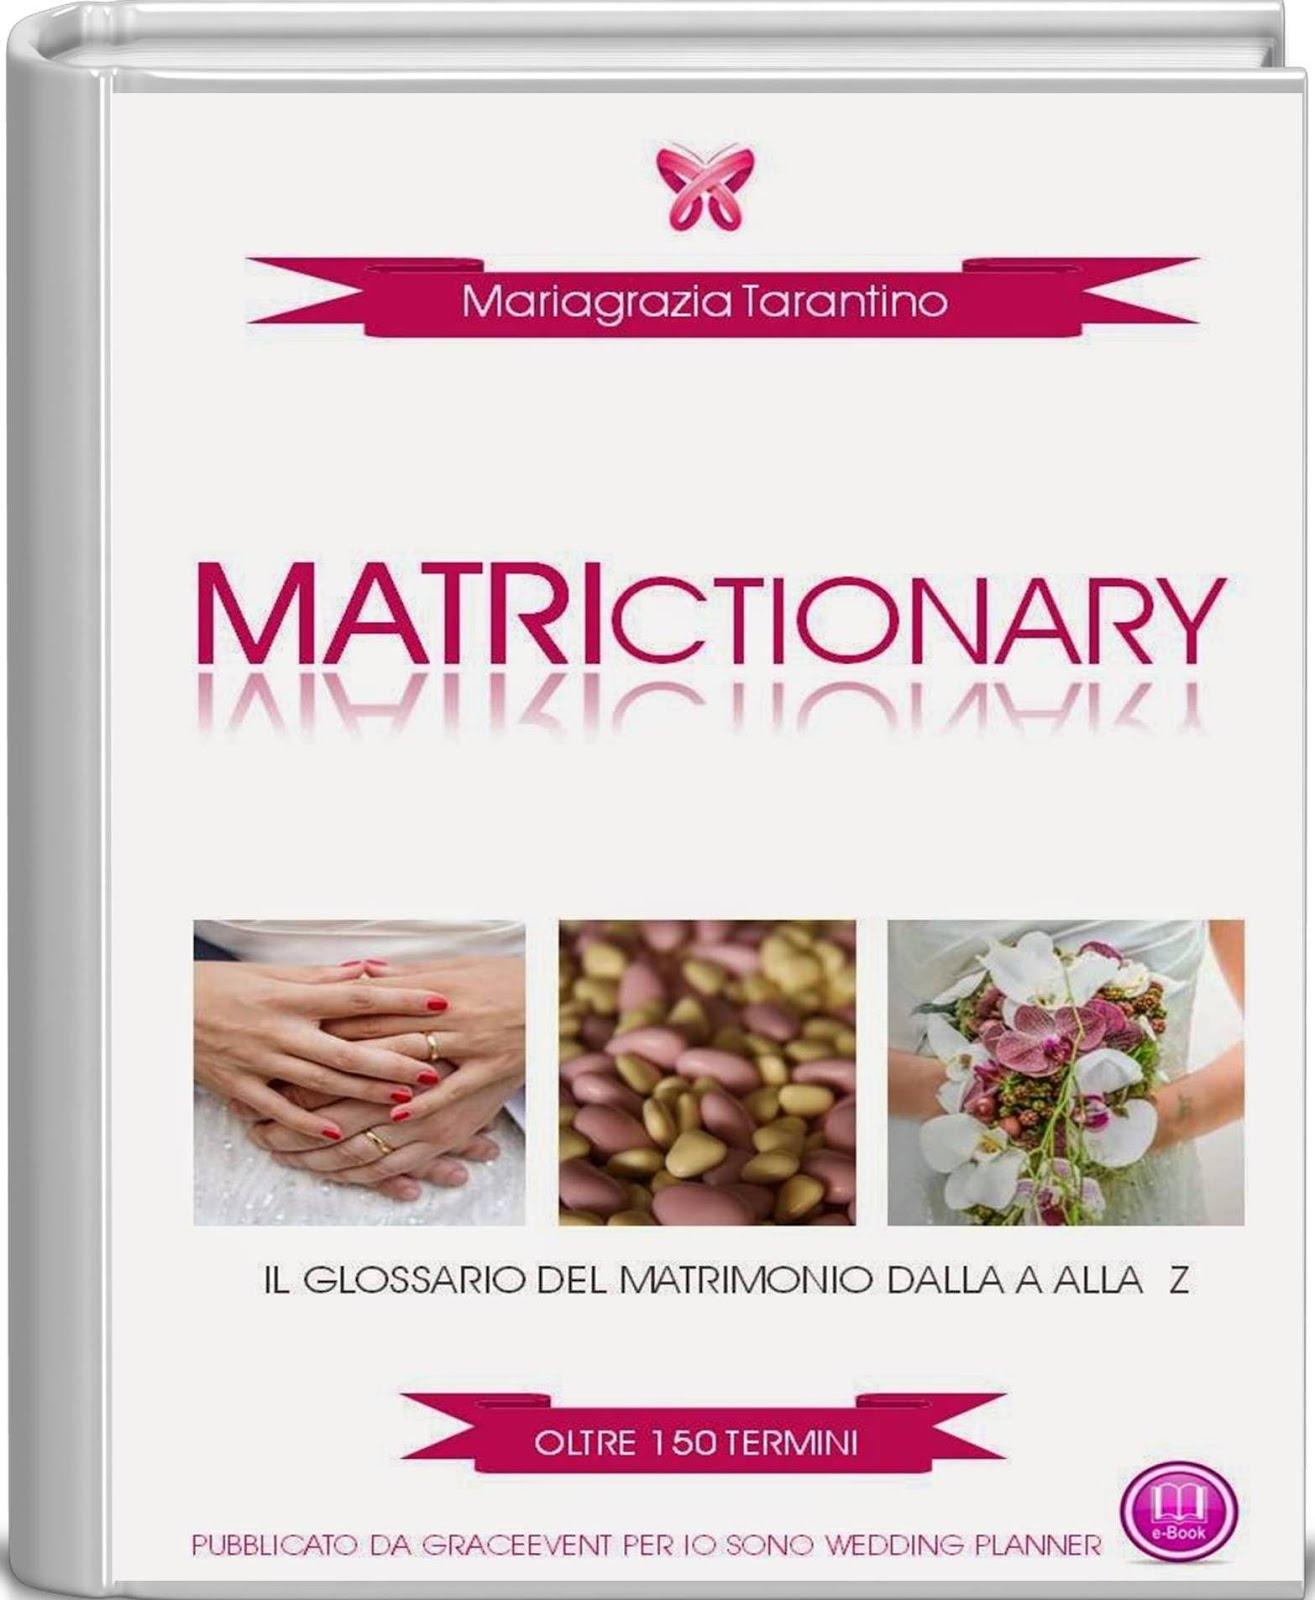 Matrictionary